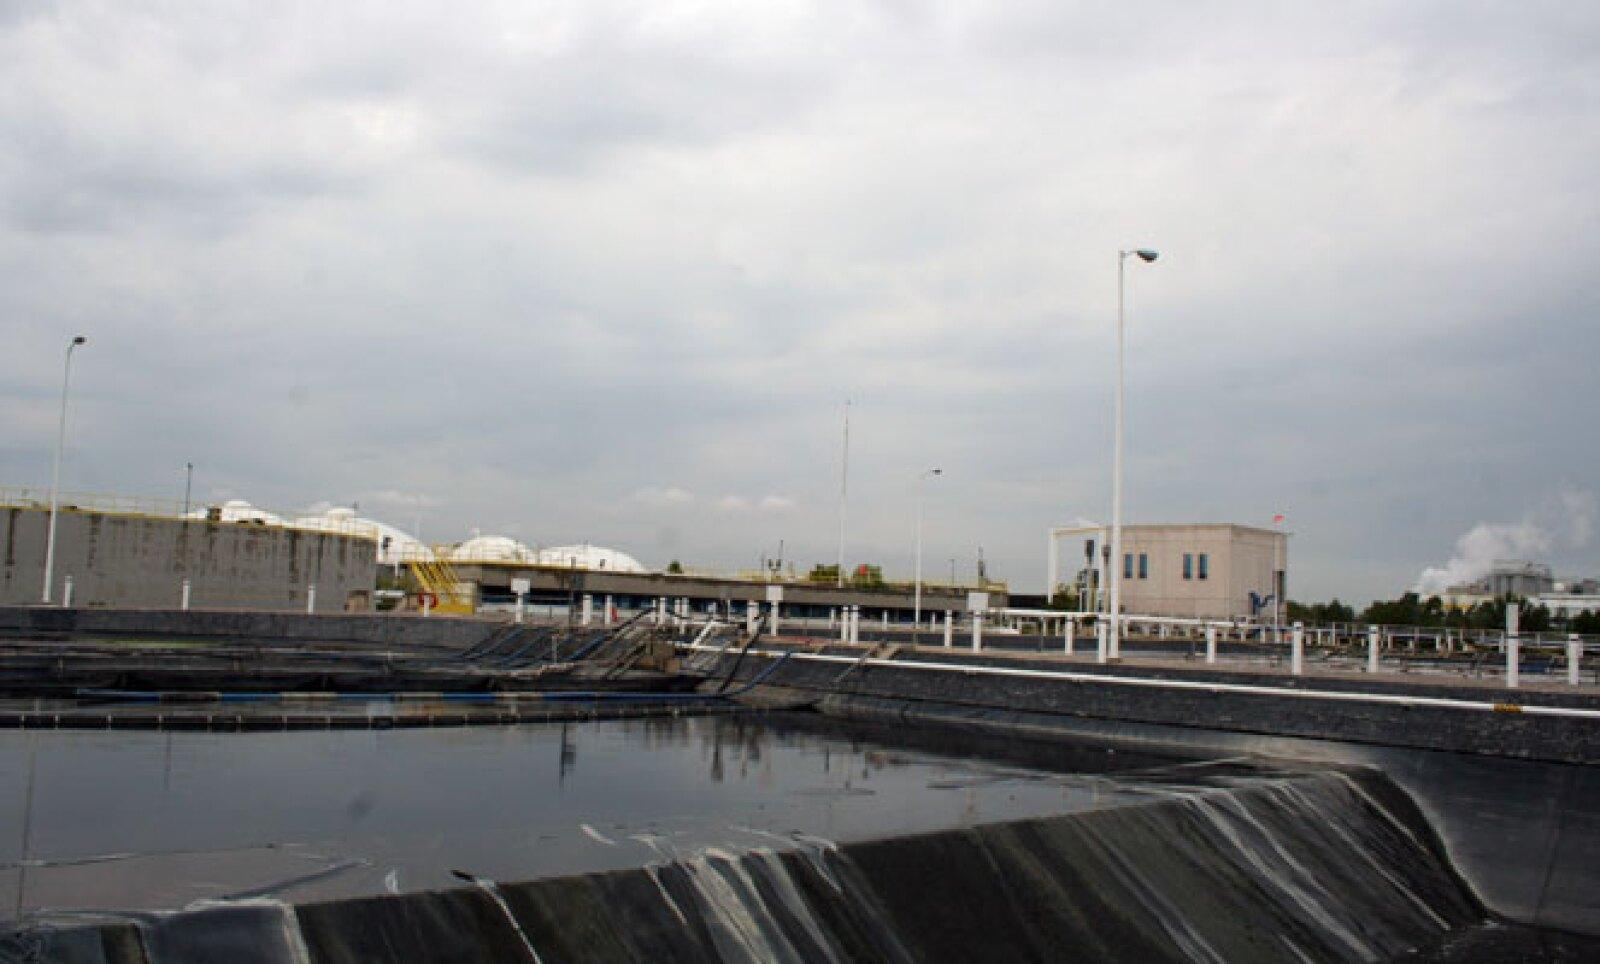 En una planta de tratamiento de agua con alto contenido orgánico se genera biogas que se utiliza en la propia quema del bagazo y otros procesos de fabricación.